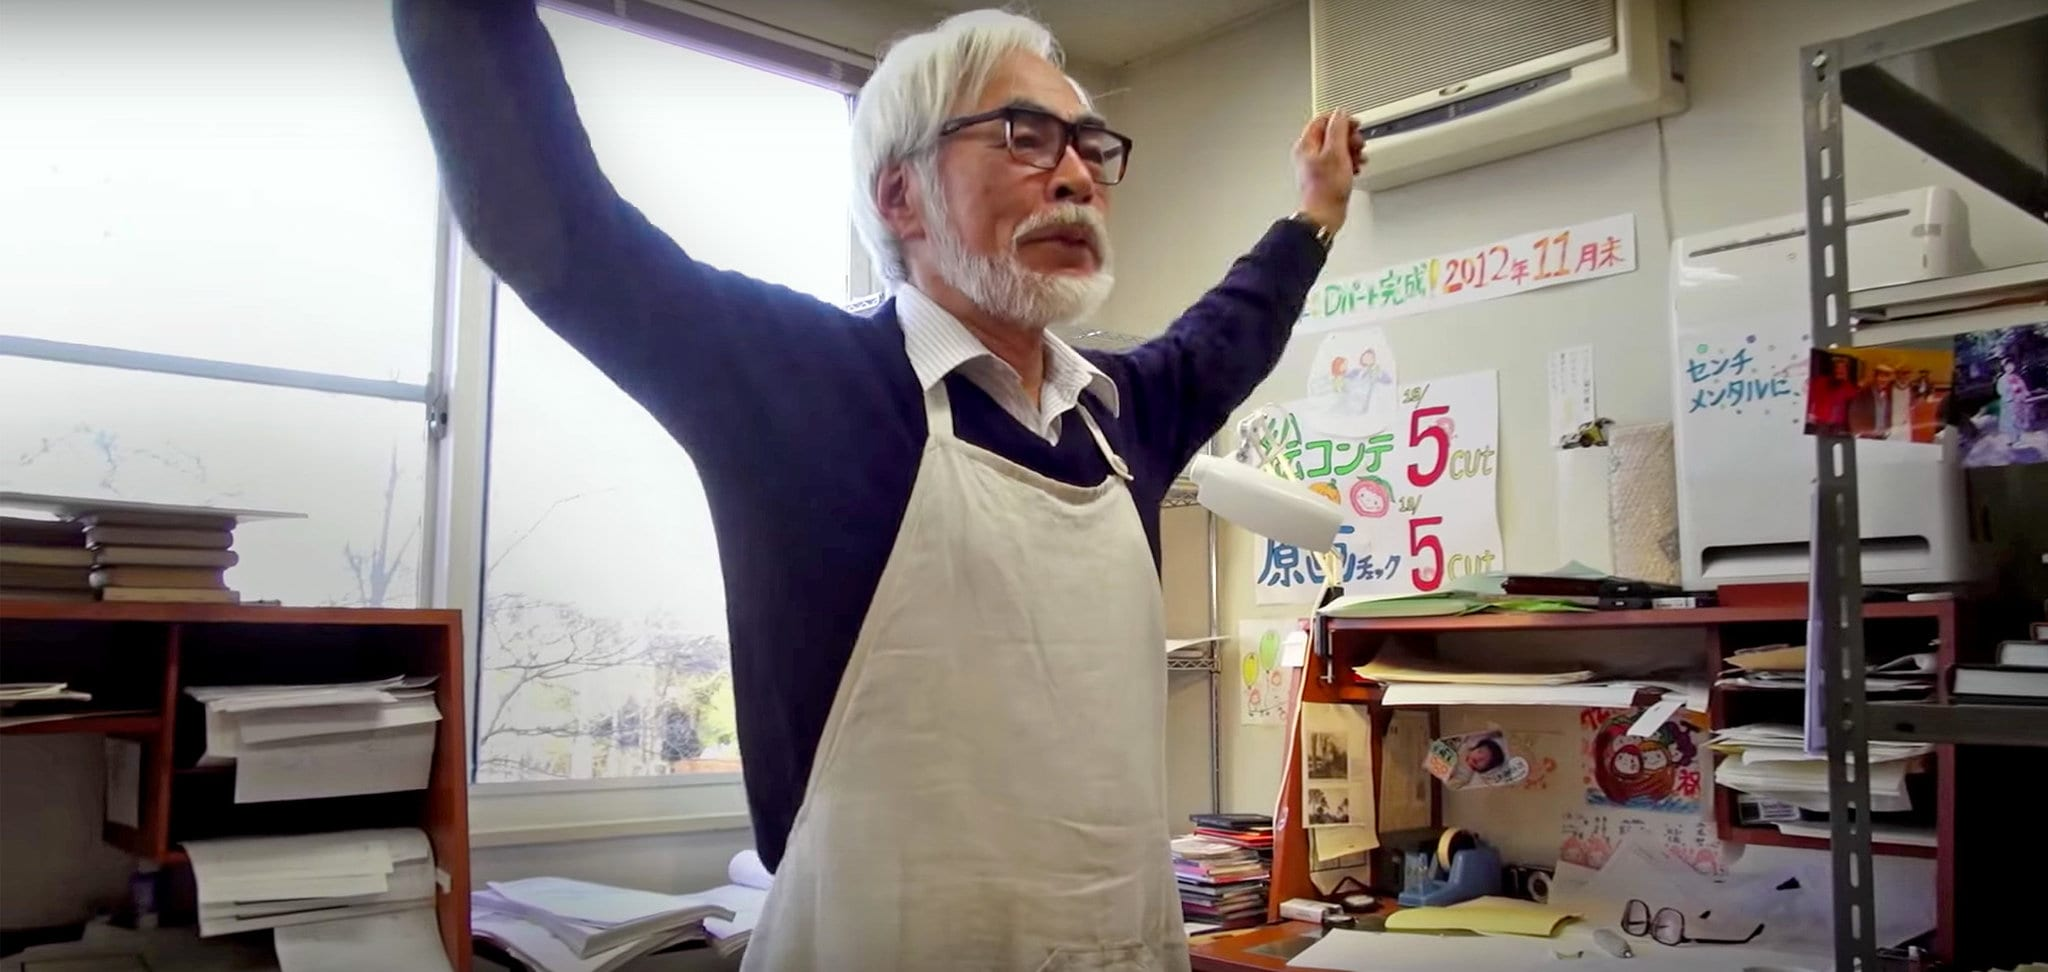 Studio Ghibli: scatti del dietro le quinte di Hayao Miyazaki al lavoro